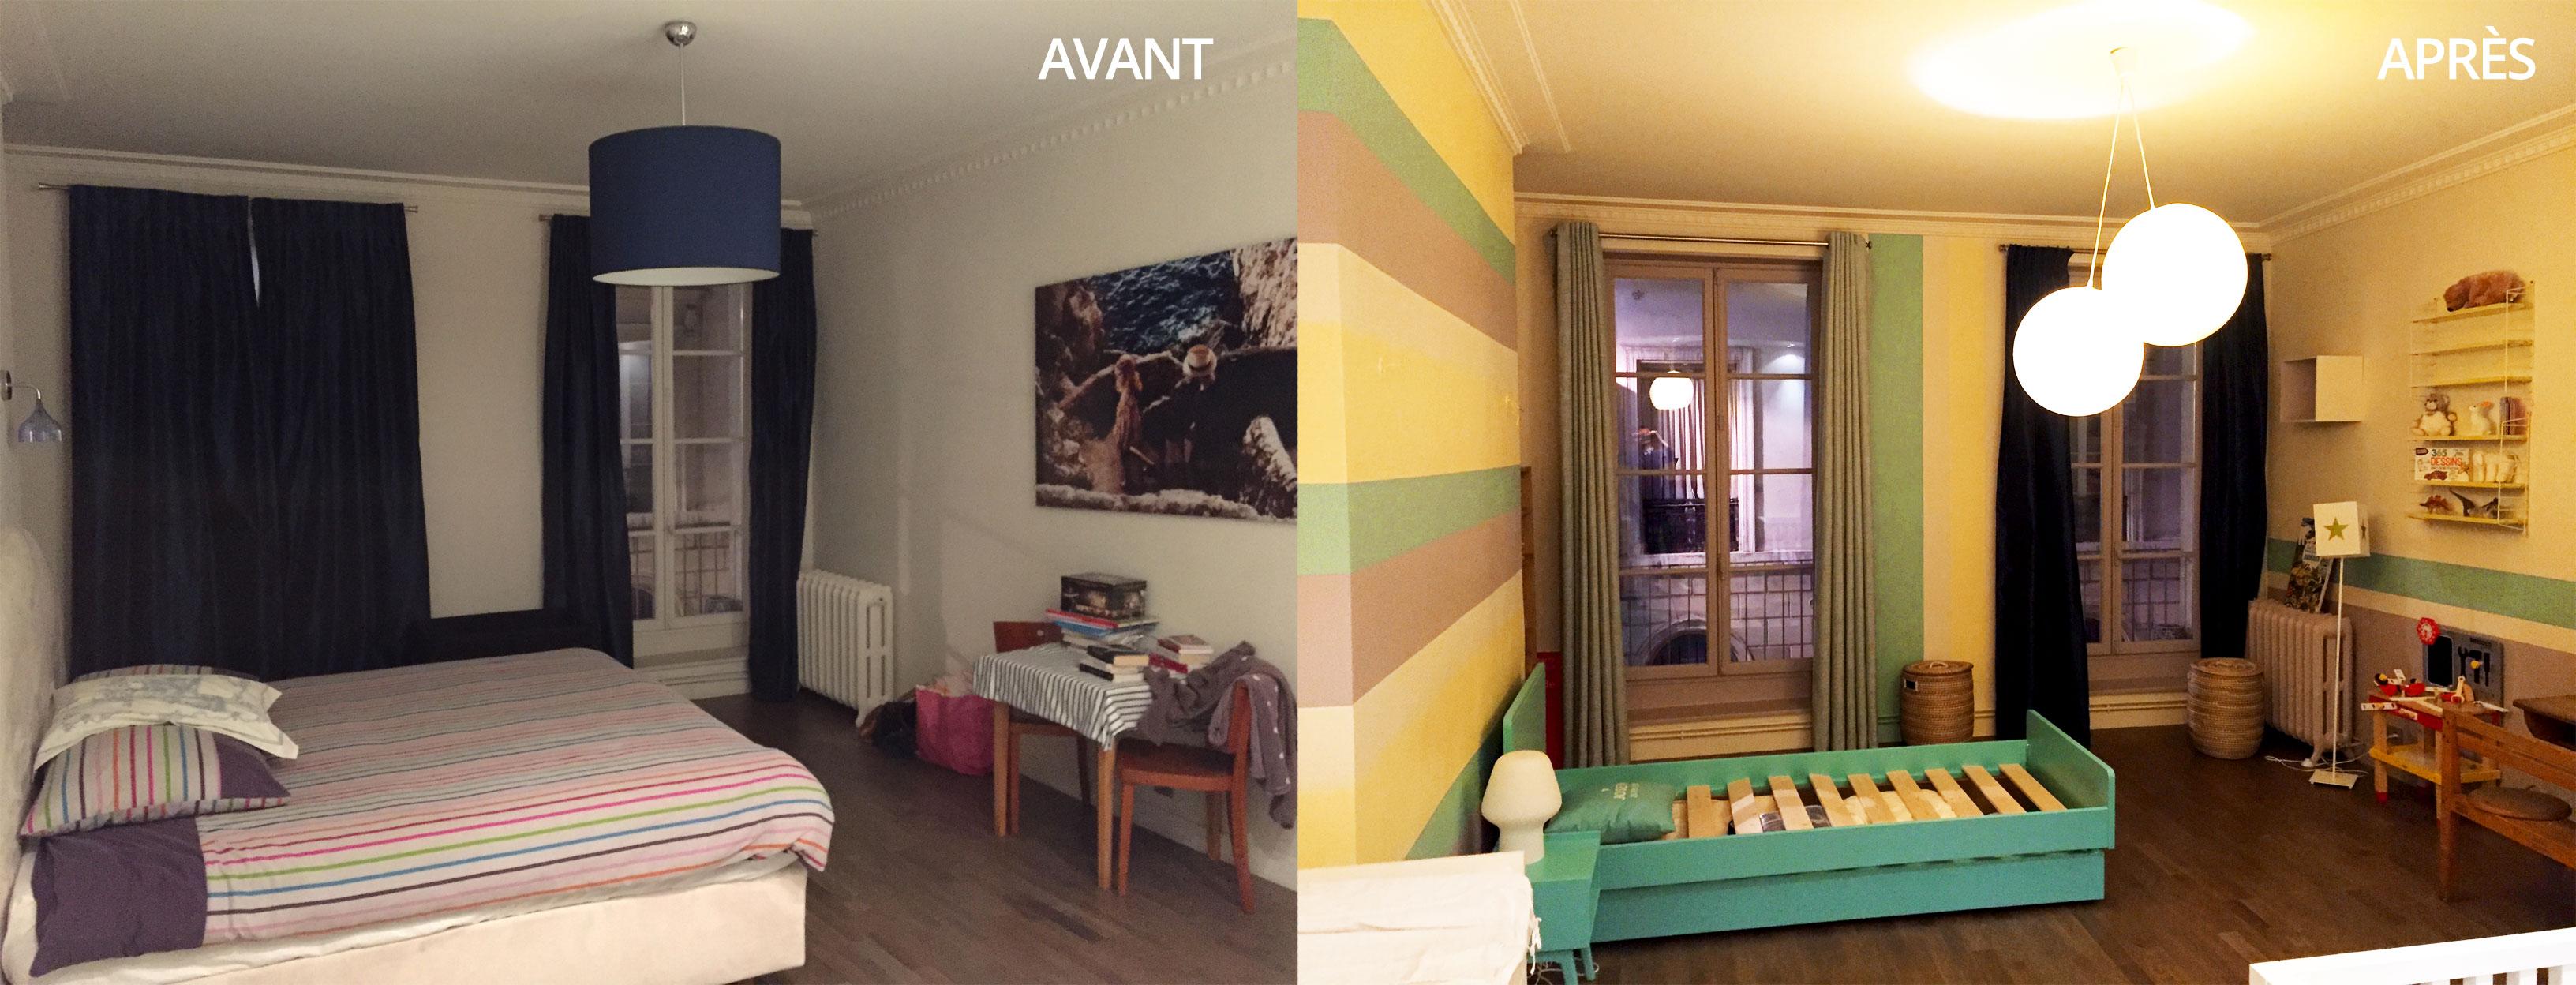 Peinture Murs Et Plafonds Devis Et Prix Proposés Par Hellocasa